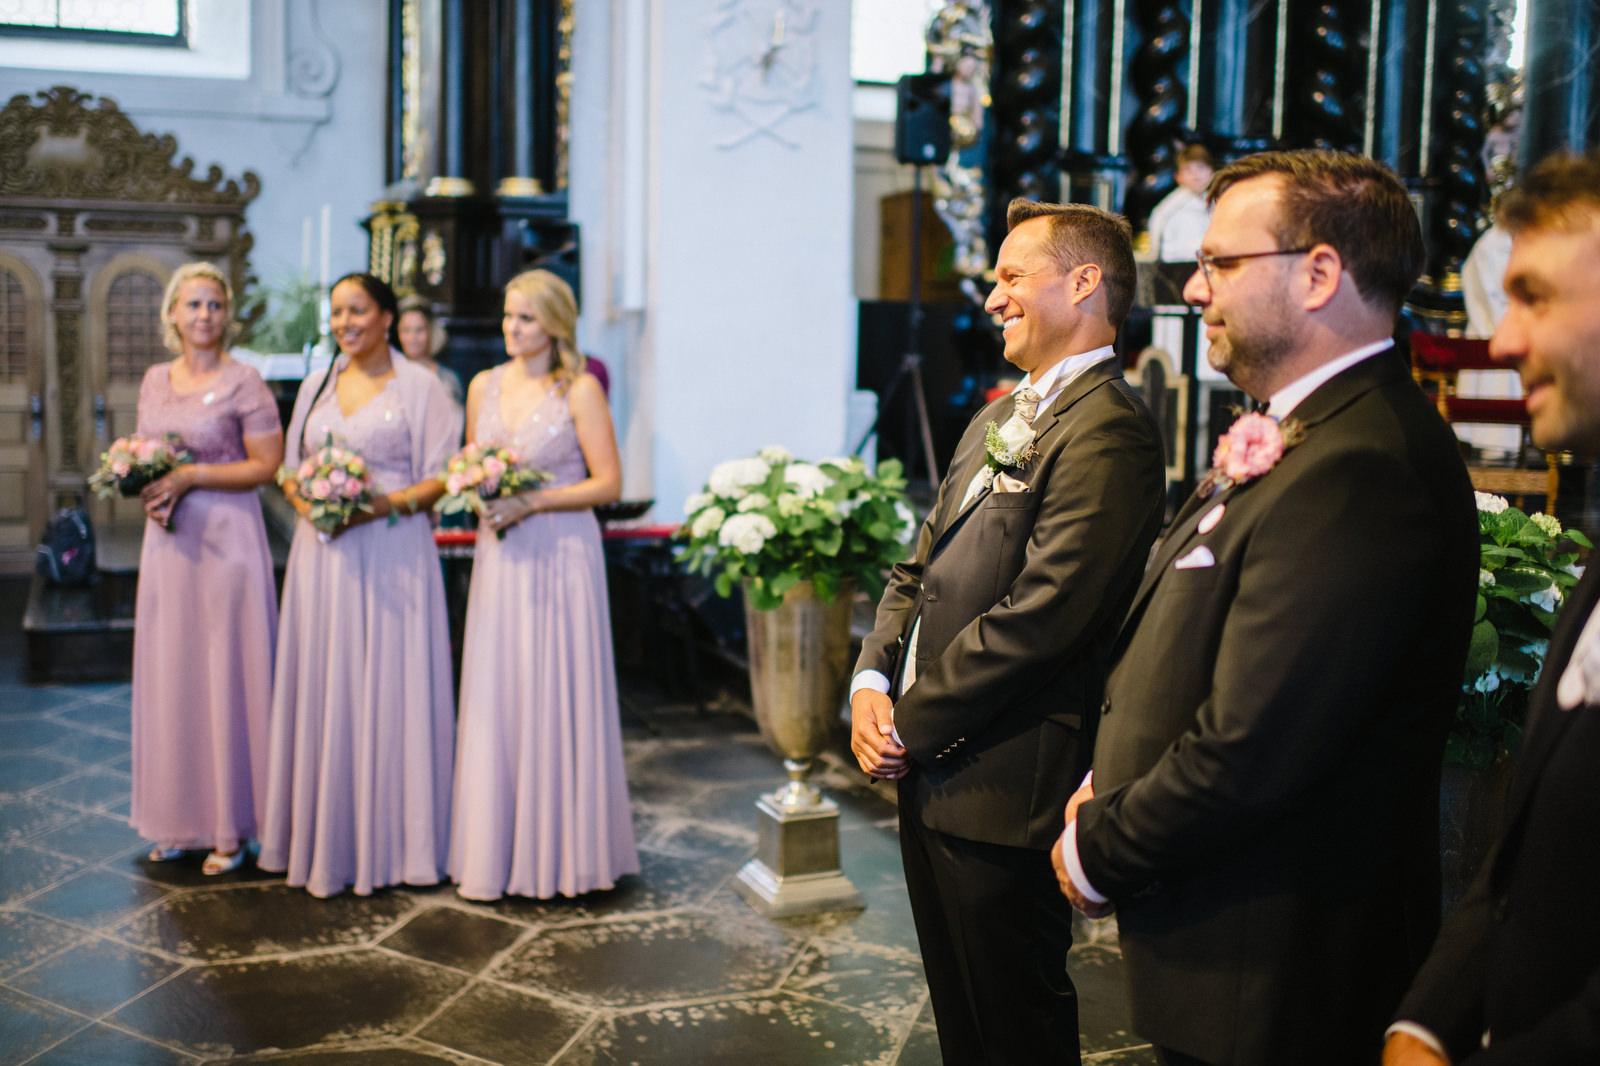 Fotograf Konstanz - Luxus Hochzeit Fotograf Grand Resort Bad Ragaz Schweiz Lichtenstein 055 - Destination wedding at the Grand Resort Bad Ragaz, Swiss  - 142 -